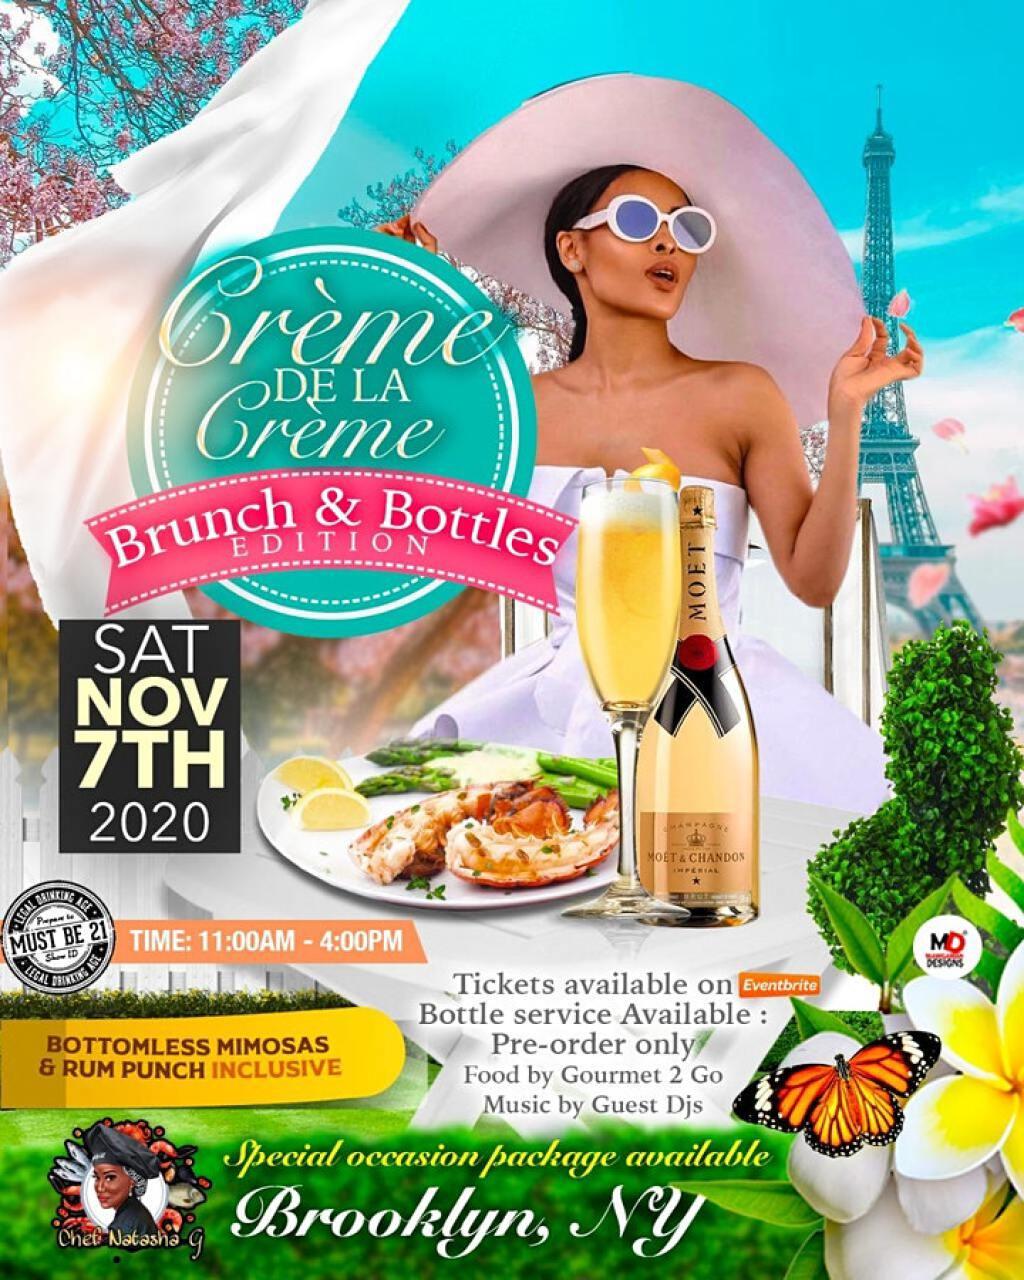 Crème De La Crème  Brunch & Bottles Edition flyer or graphic.